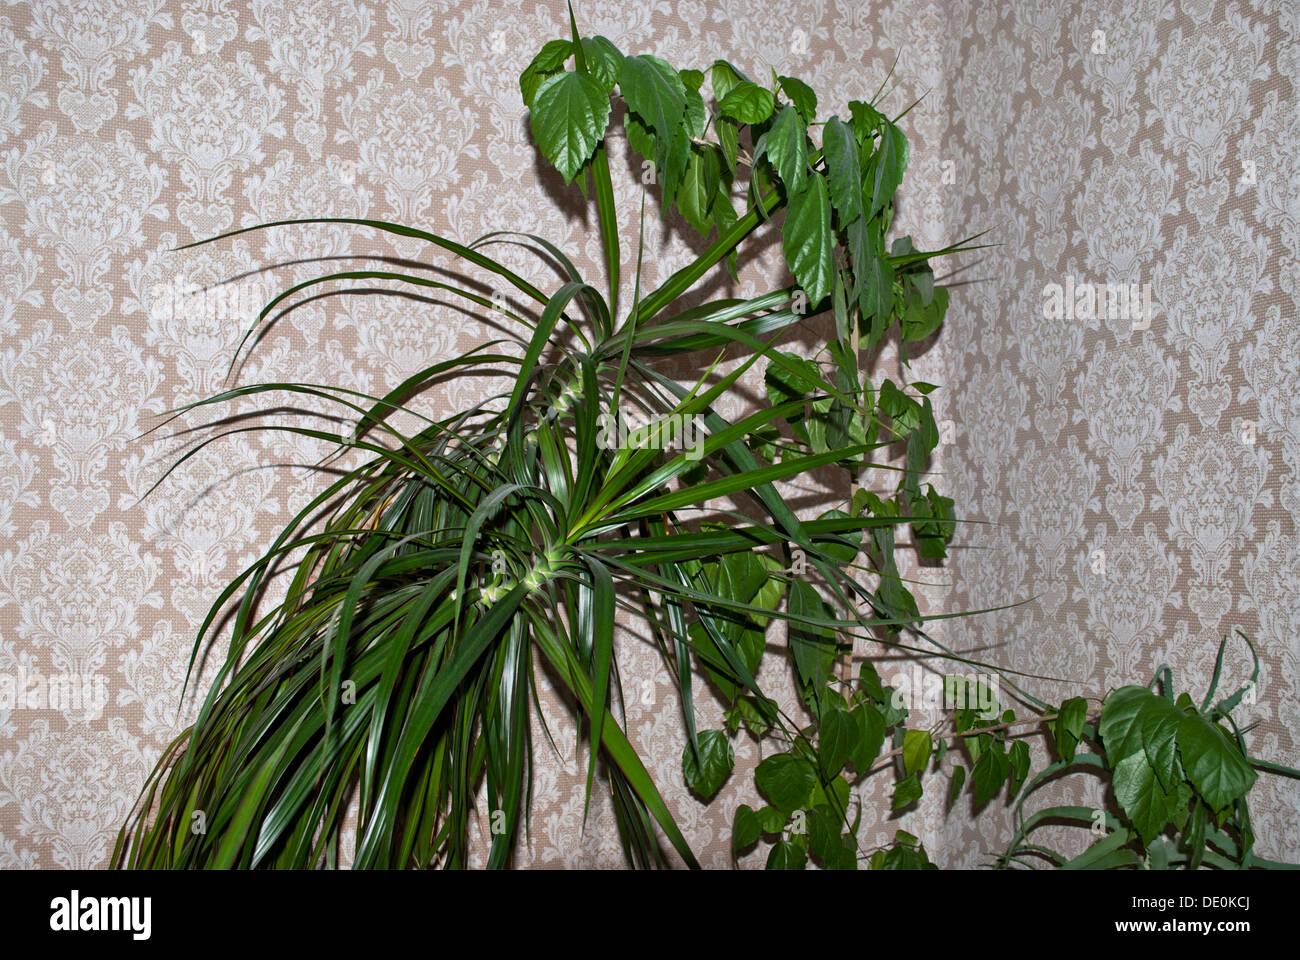 Une plante verte sur fond clair. Photo Stock